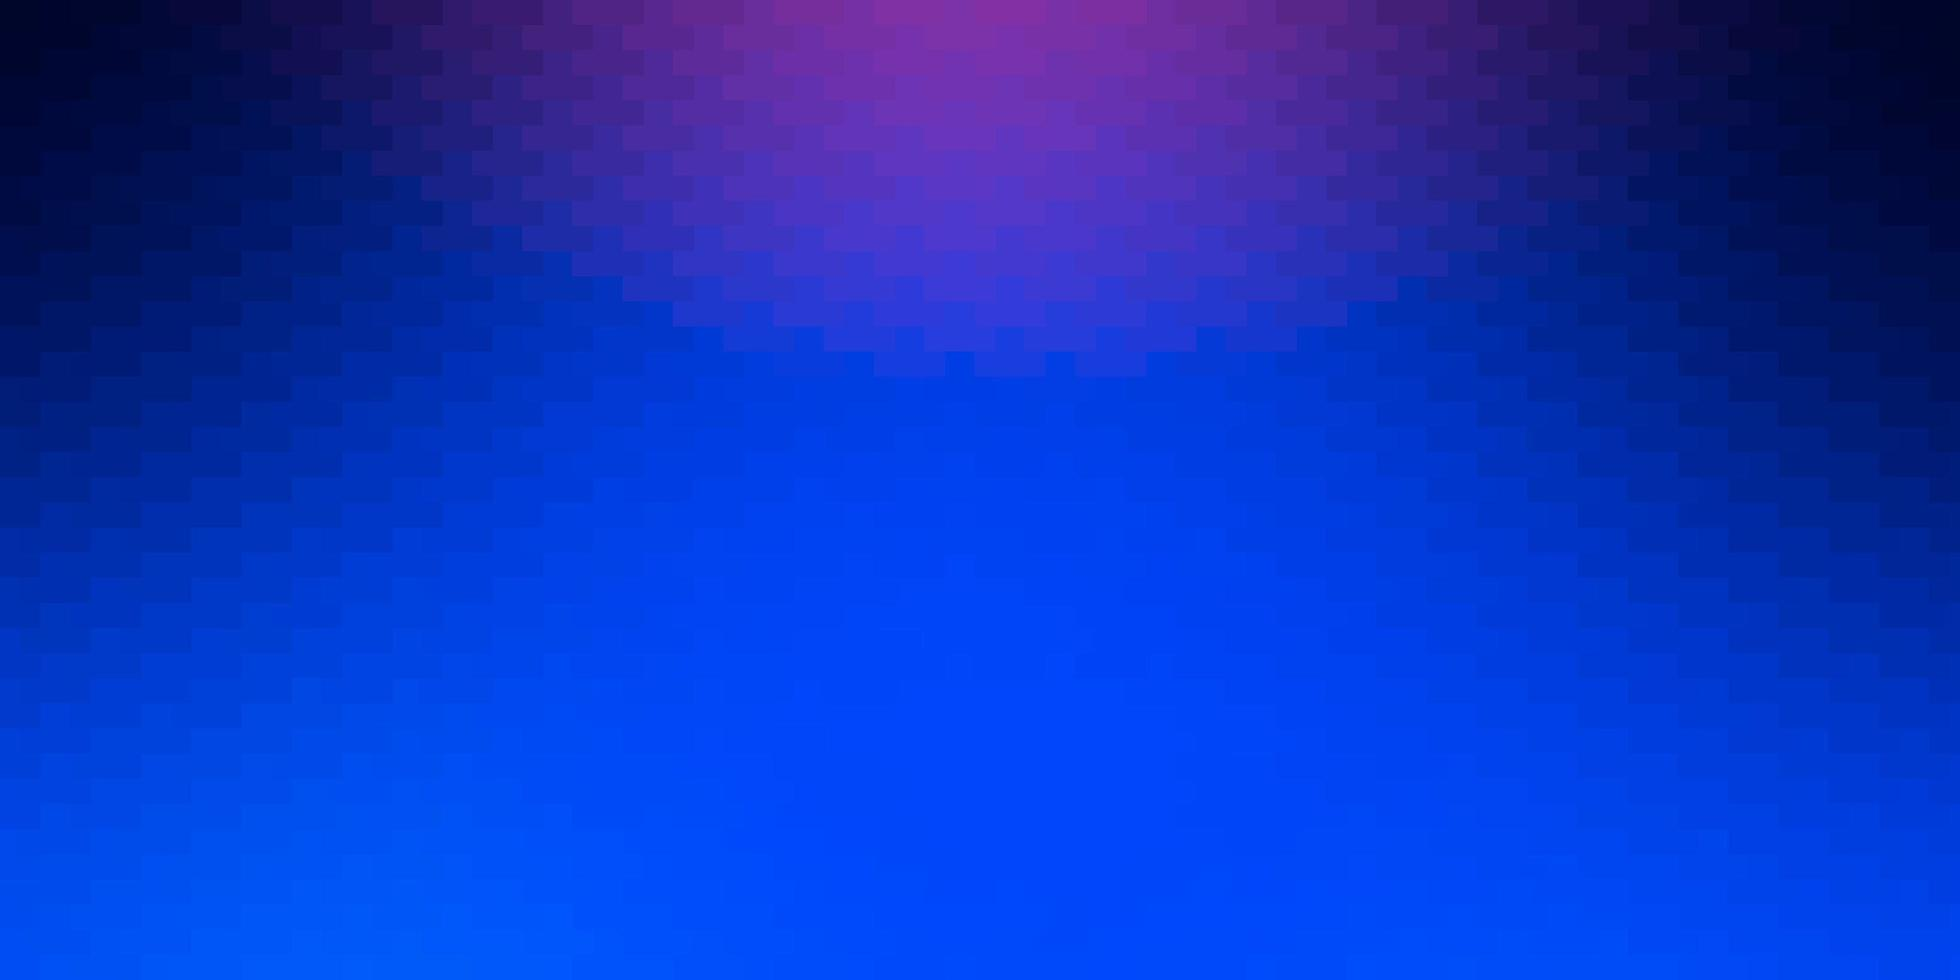 mörkrosa, blå vektorstruktur i rektangulär stil. vektor